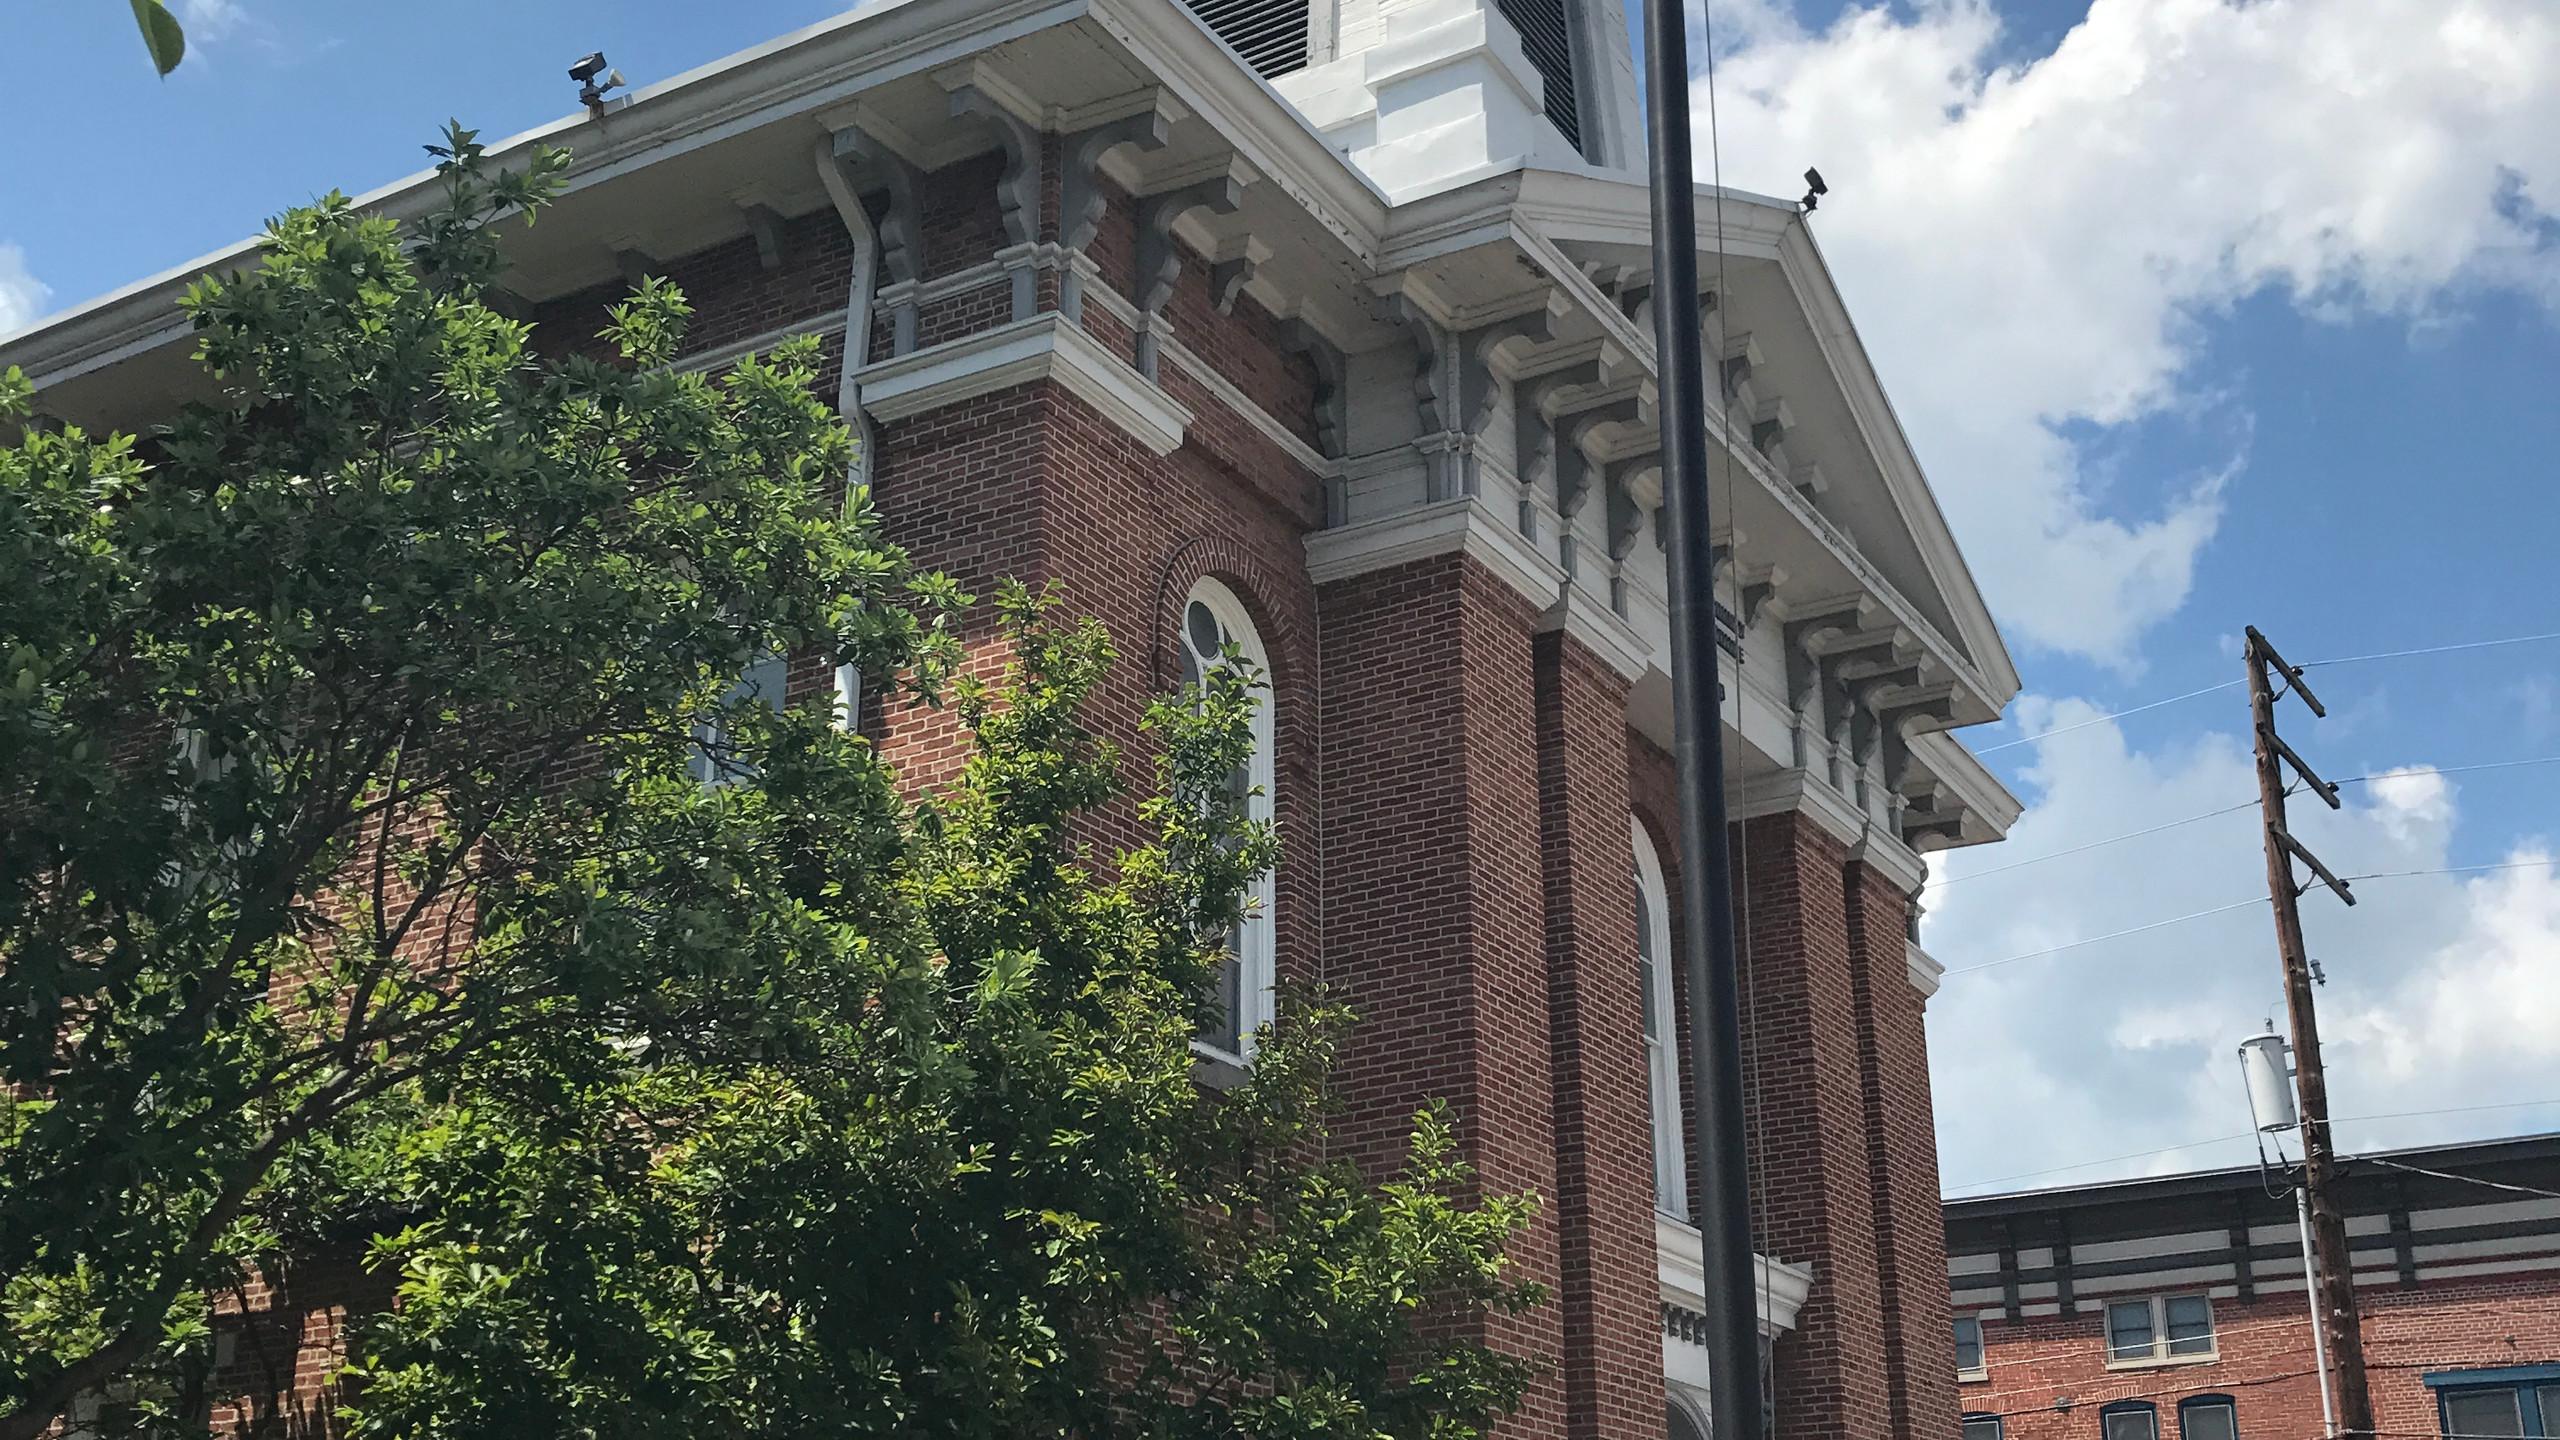 Gettysburg Court House